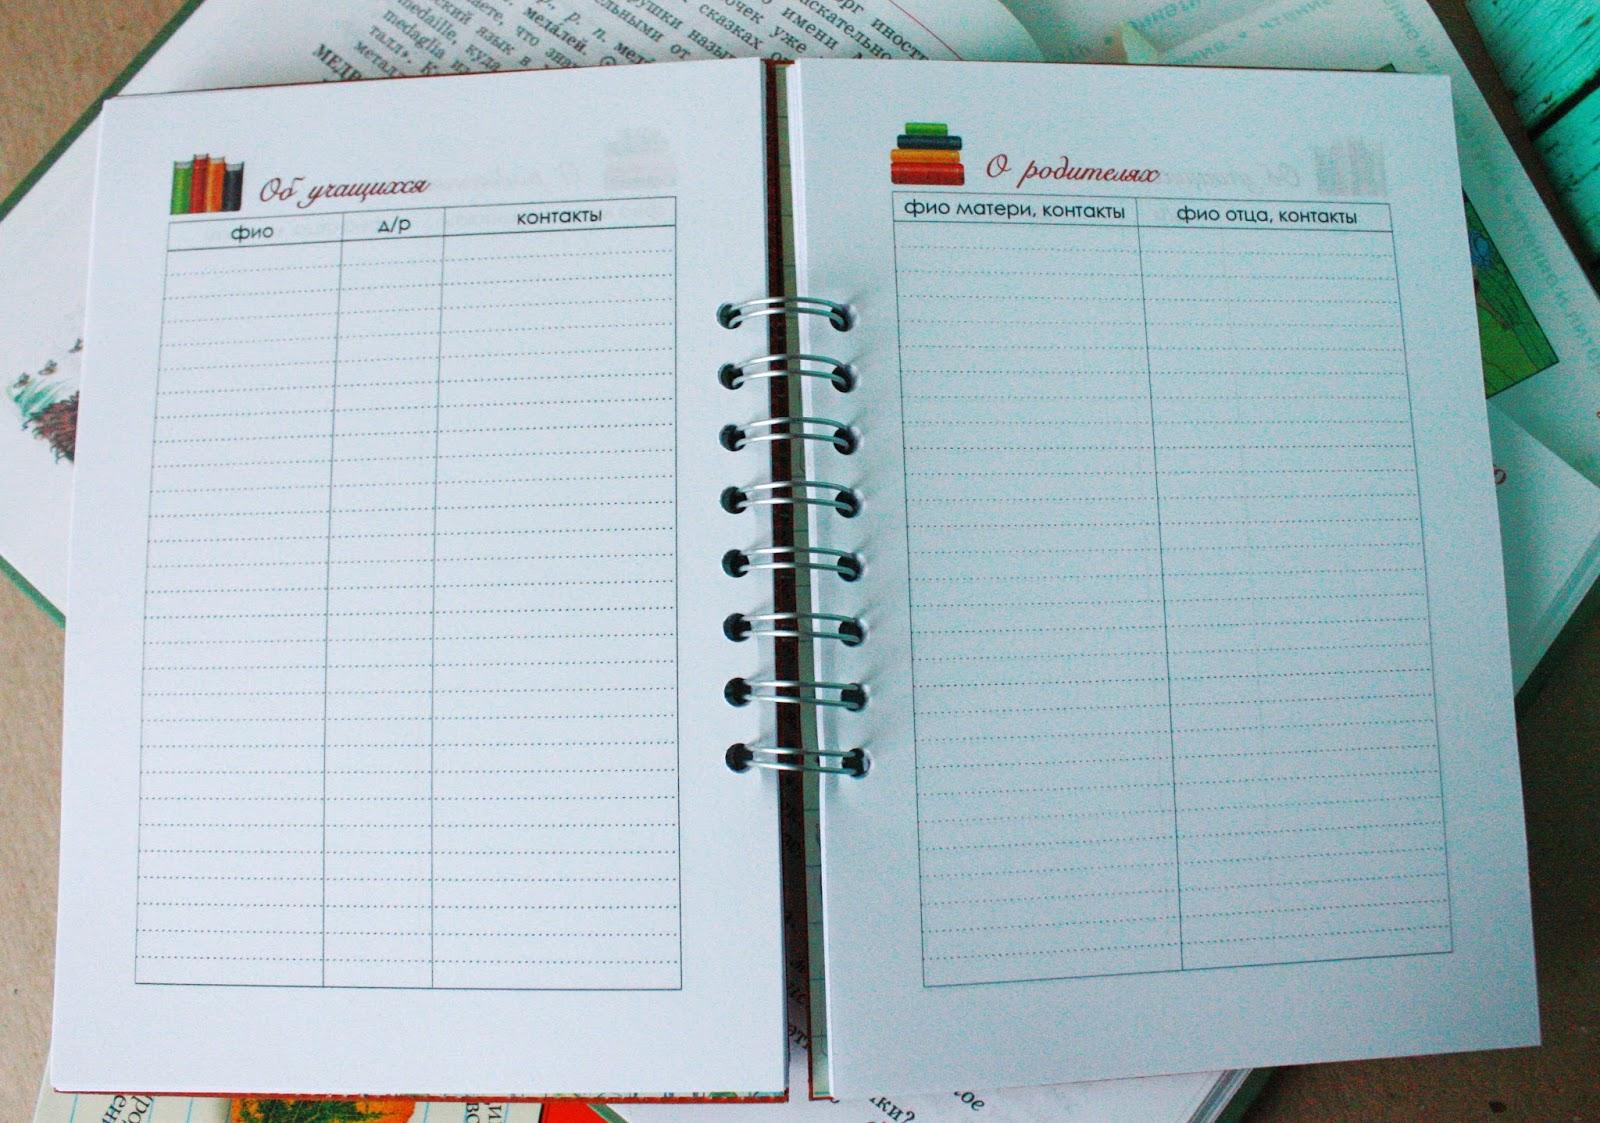 Листочки с пожеланиями для учителей